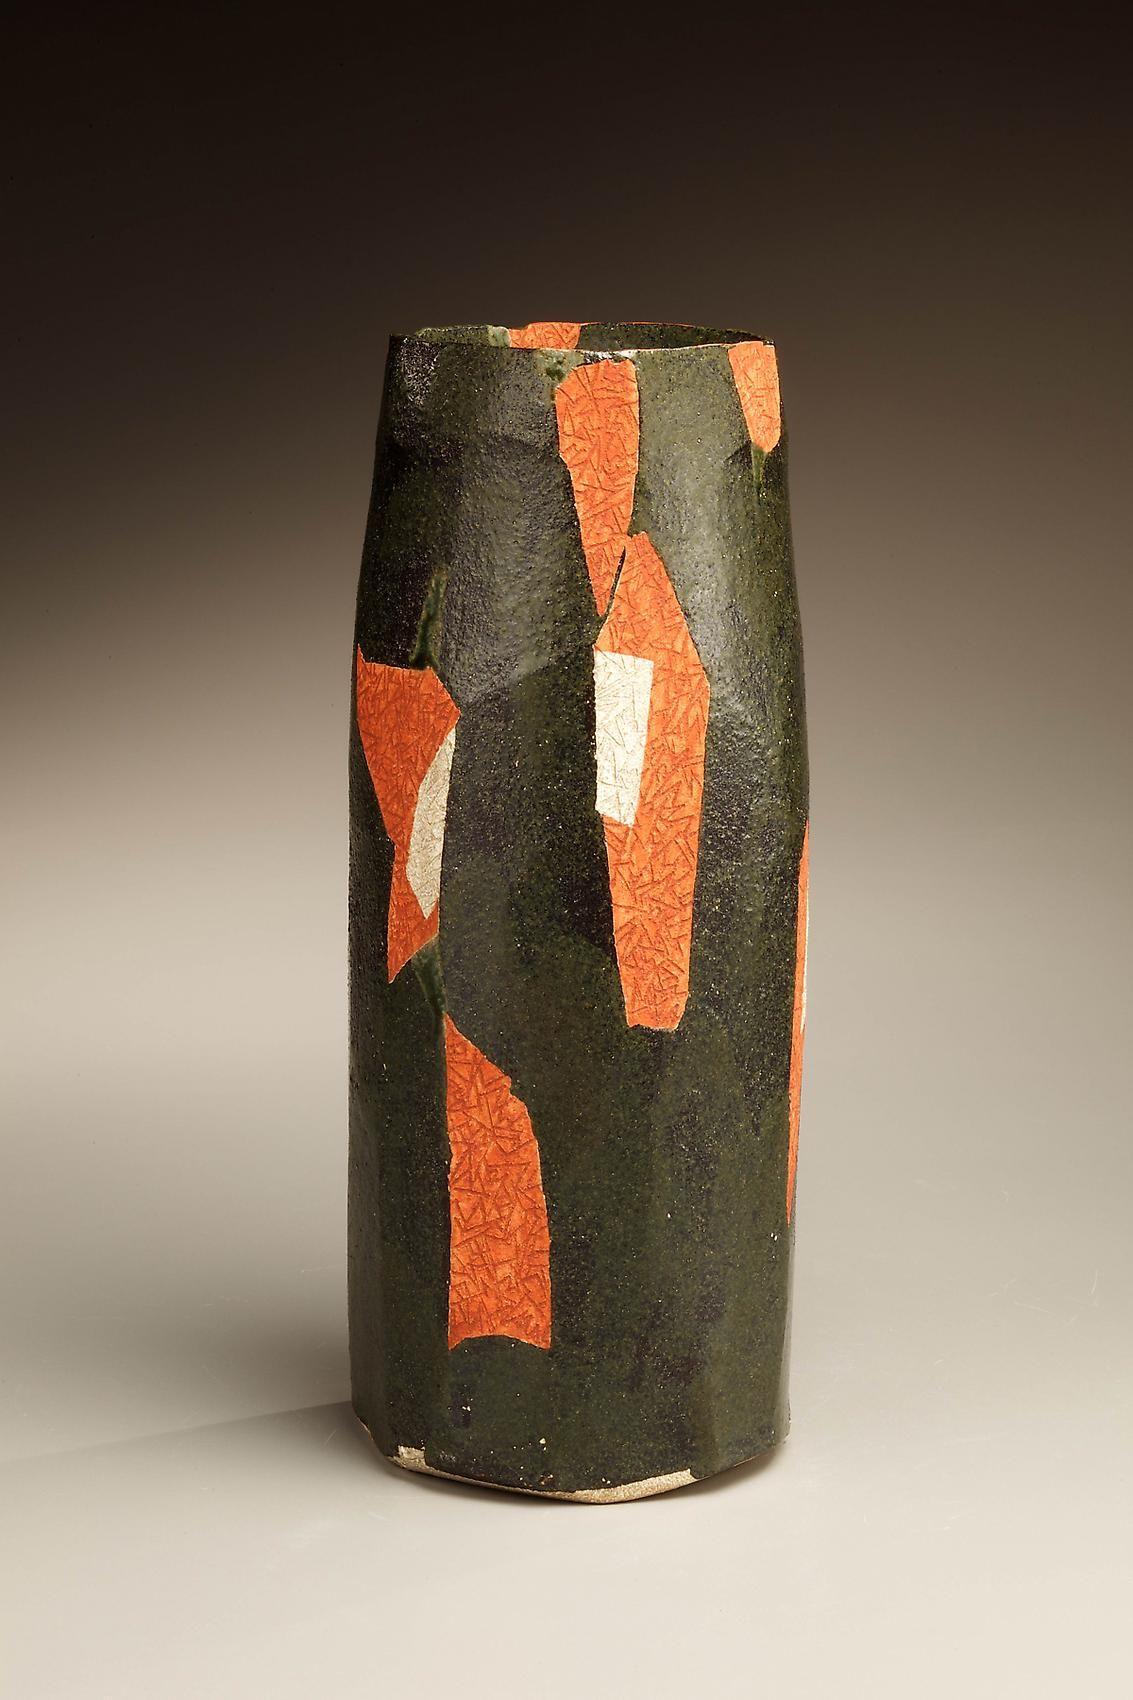 Wada Morihiro (1944 - 2008)